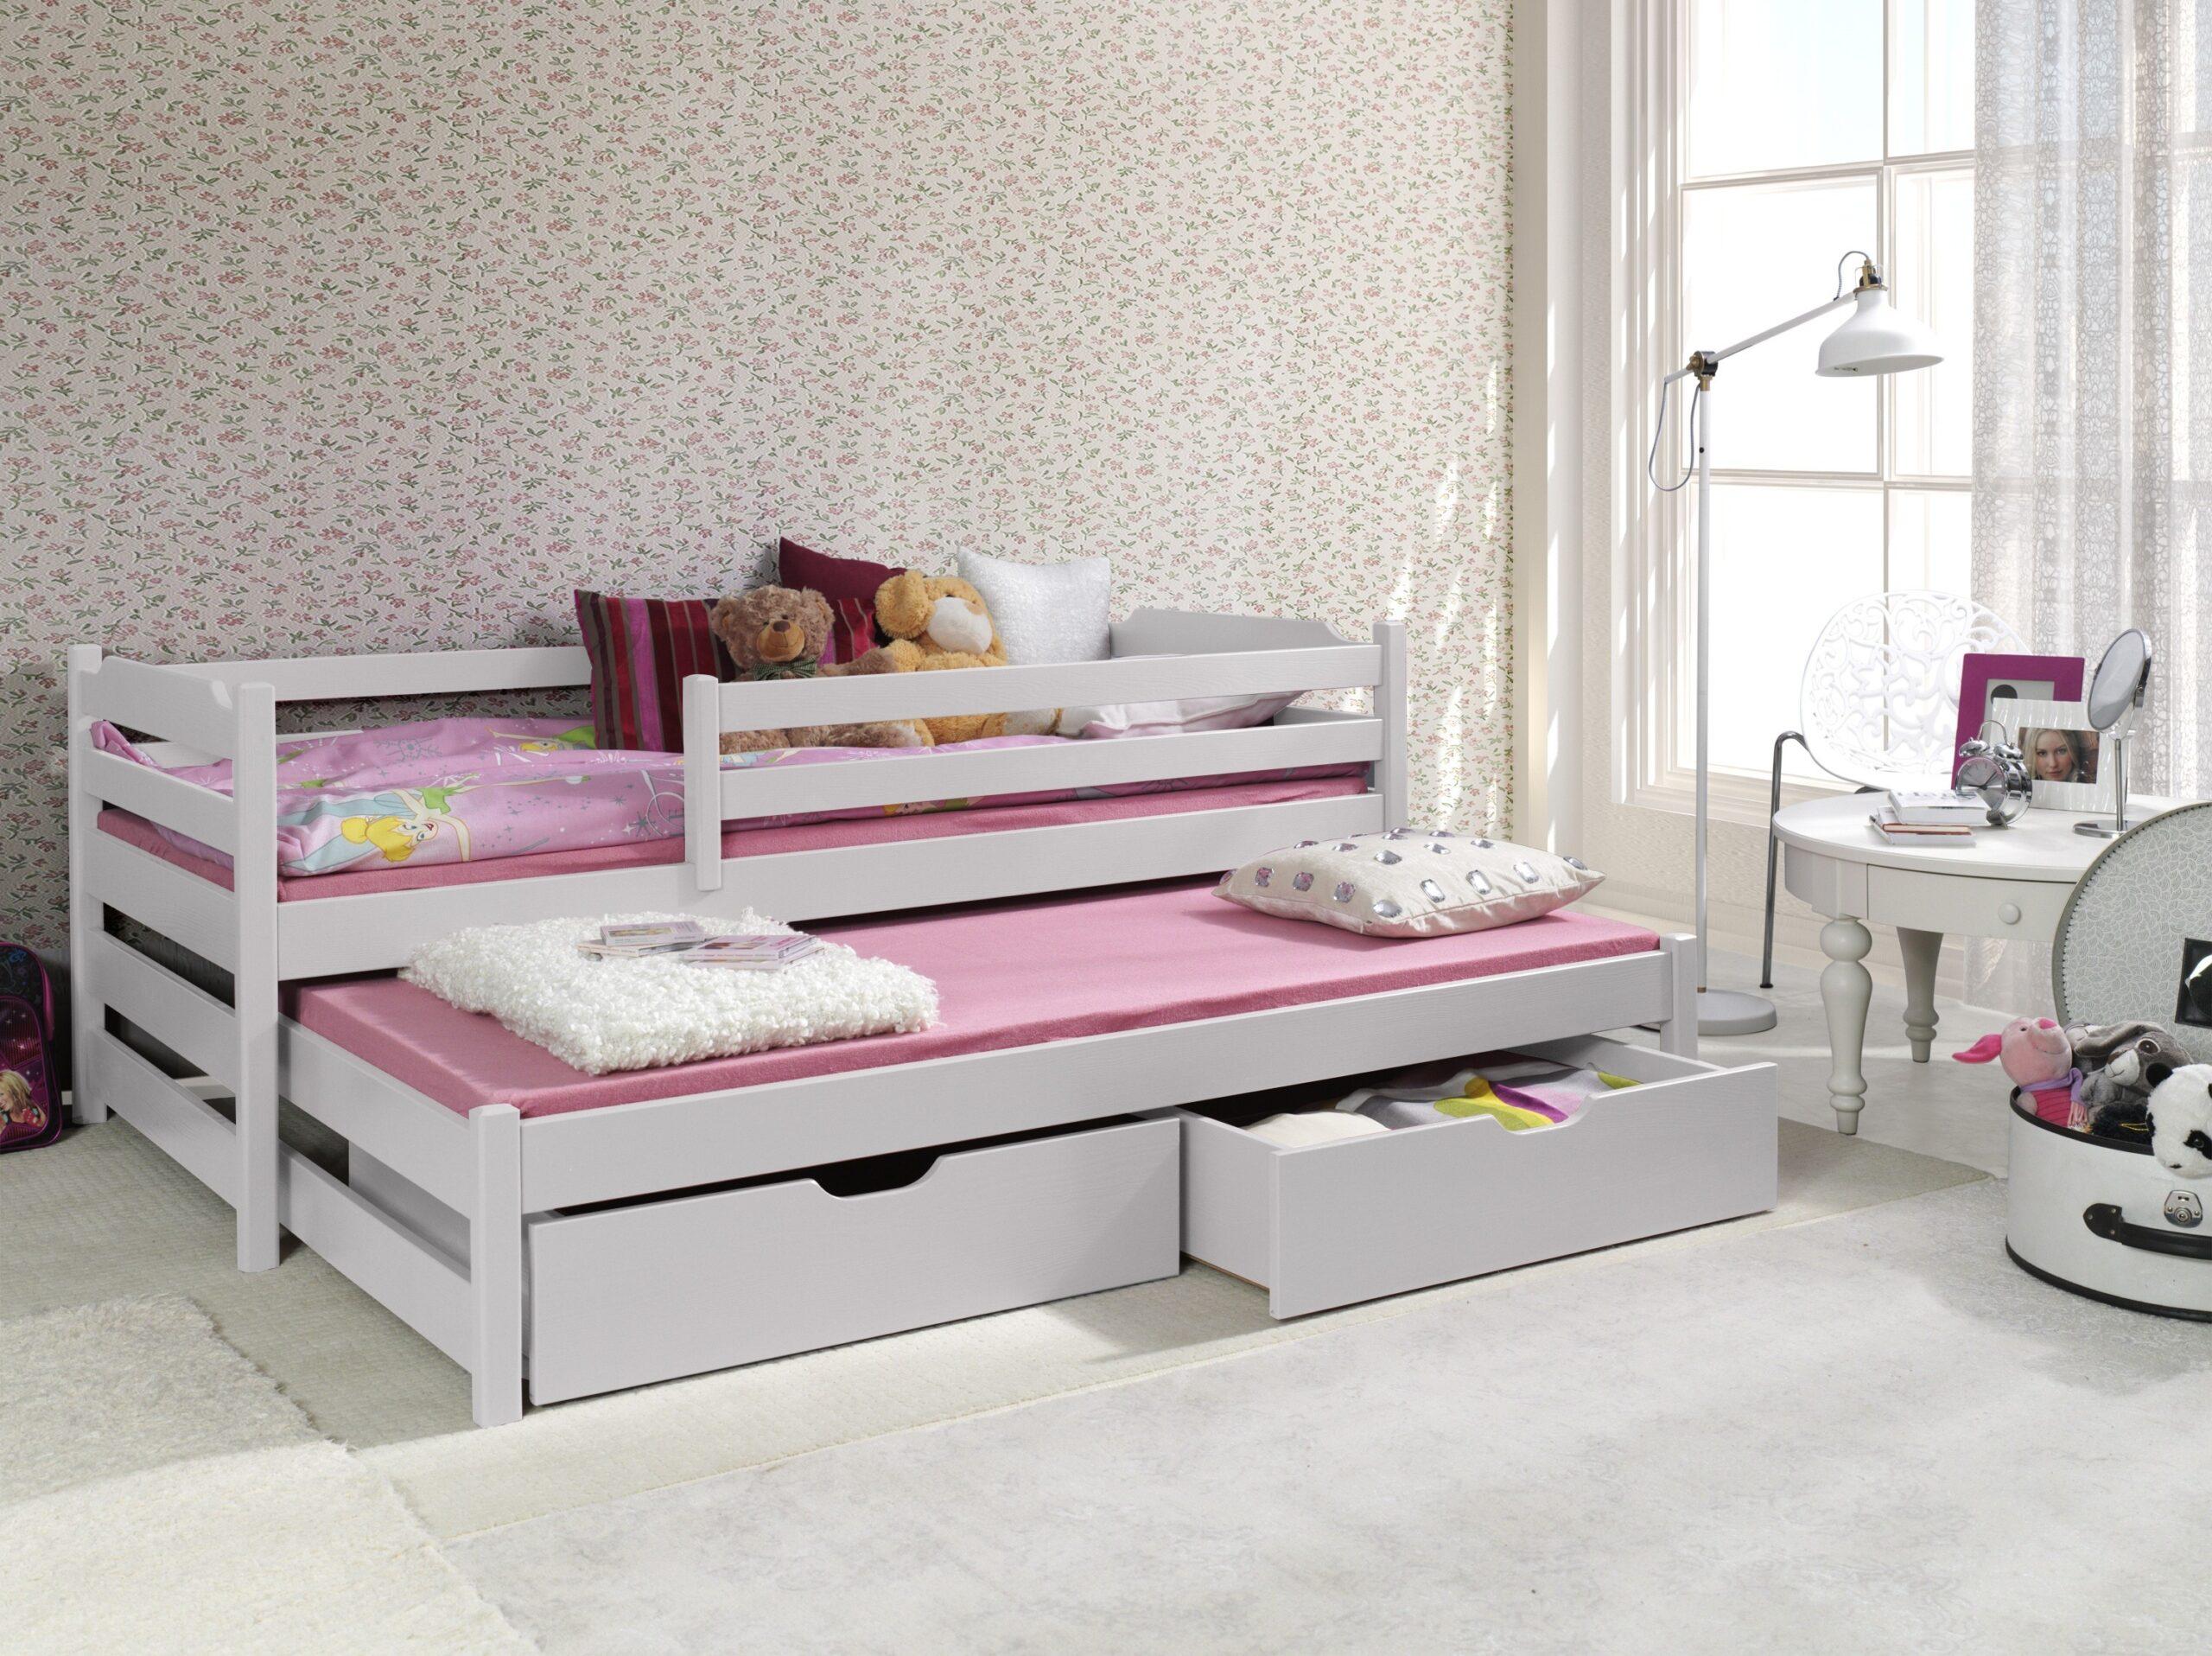 Full Size of Bett Mit Ausziehbett Ikea 140x200 Martin Ii Inkl Lattenroste Sofa Schlaffunktion Stauraum Kaufen Hamburg Außergewöhnliche Betten Wickelbrett Für Wohnzimmer Bett Mit Ausziehbett Ikea